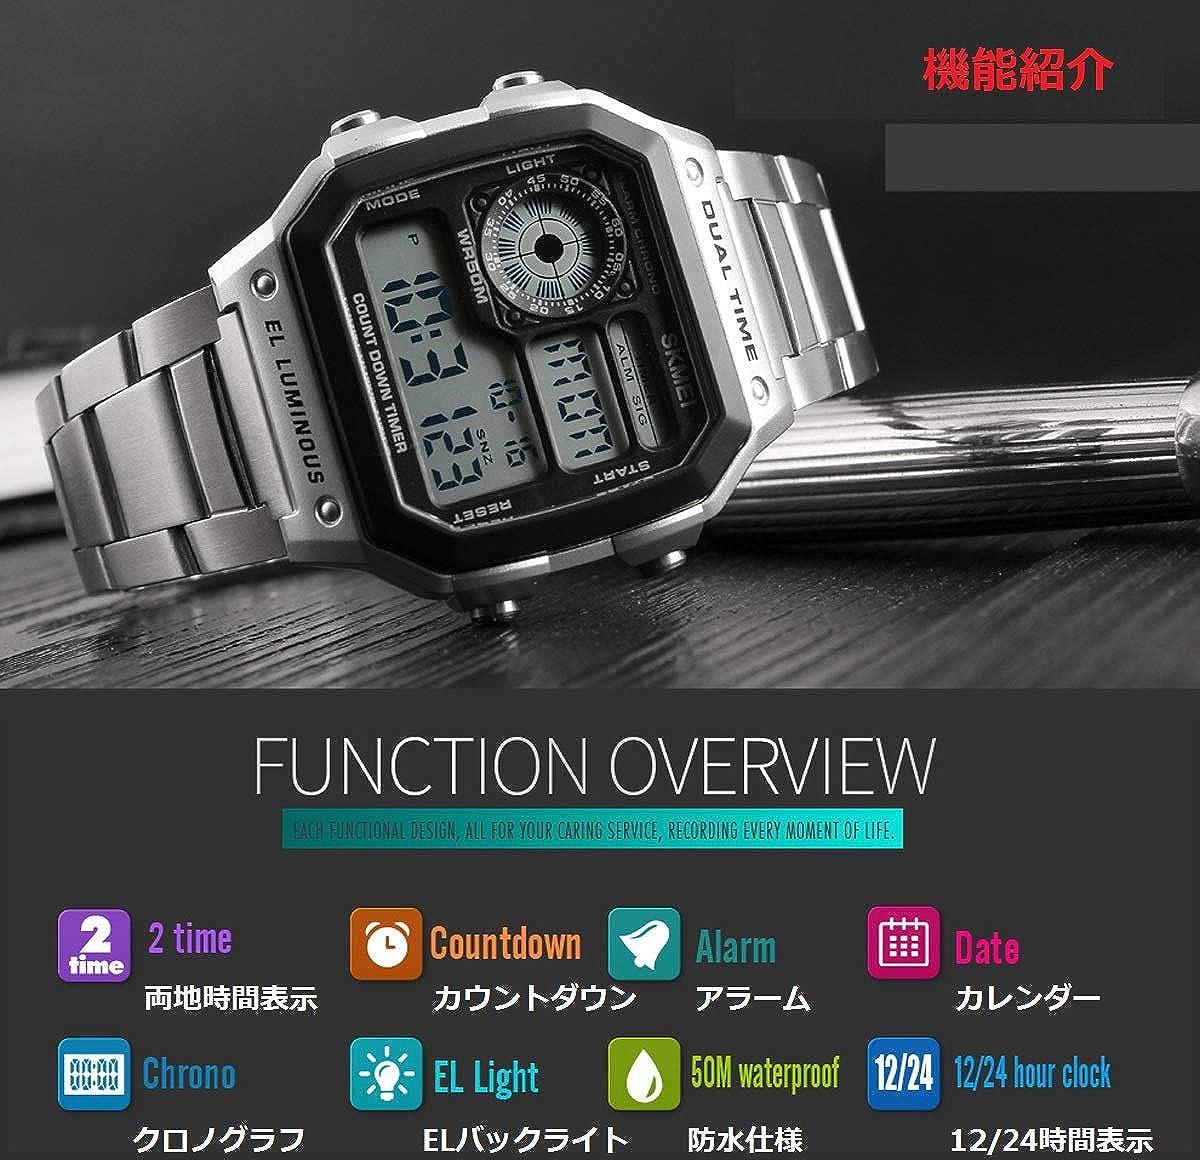 83619cd388 Amazon | 腕時計 ブランド メンズ メタルバンド 両地時間帯 デジタルウォッチ クロノグラフ 夜光 アラーム 防水 目ざまし時計 時報機能  人気 | メンズ腕時計 | 腕時計 ...